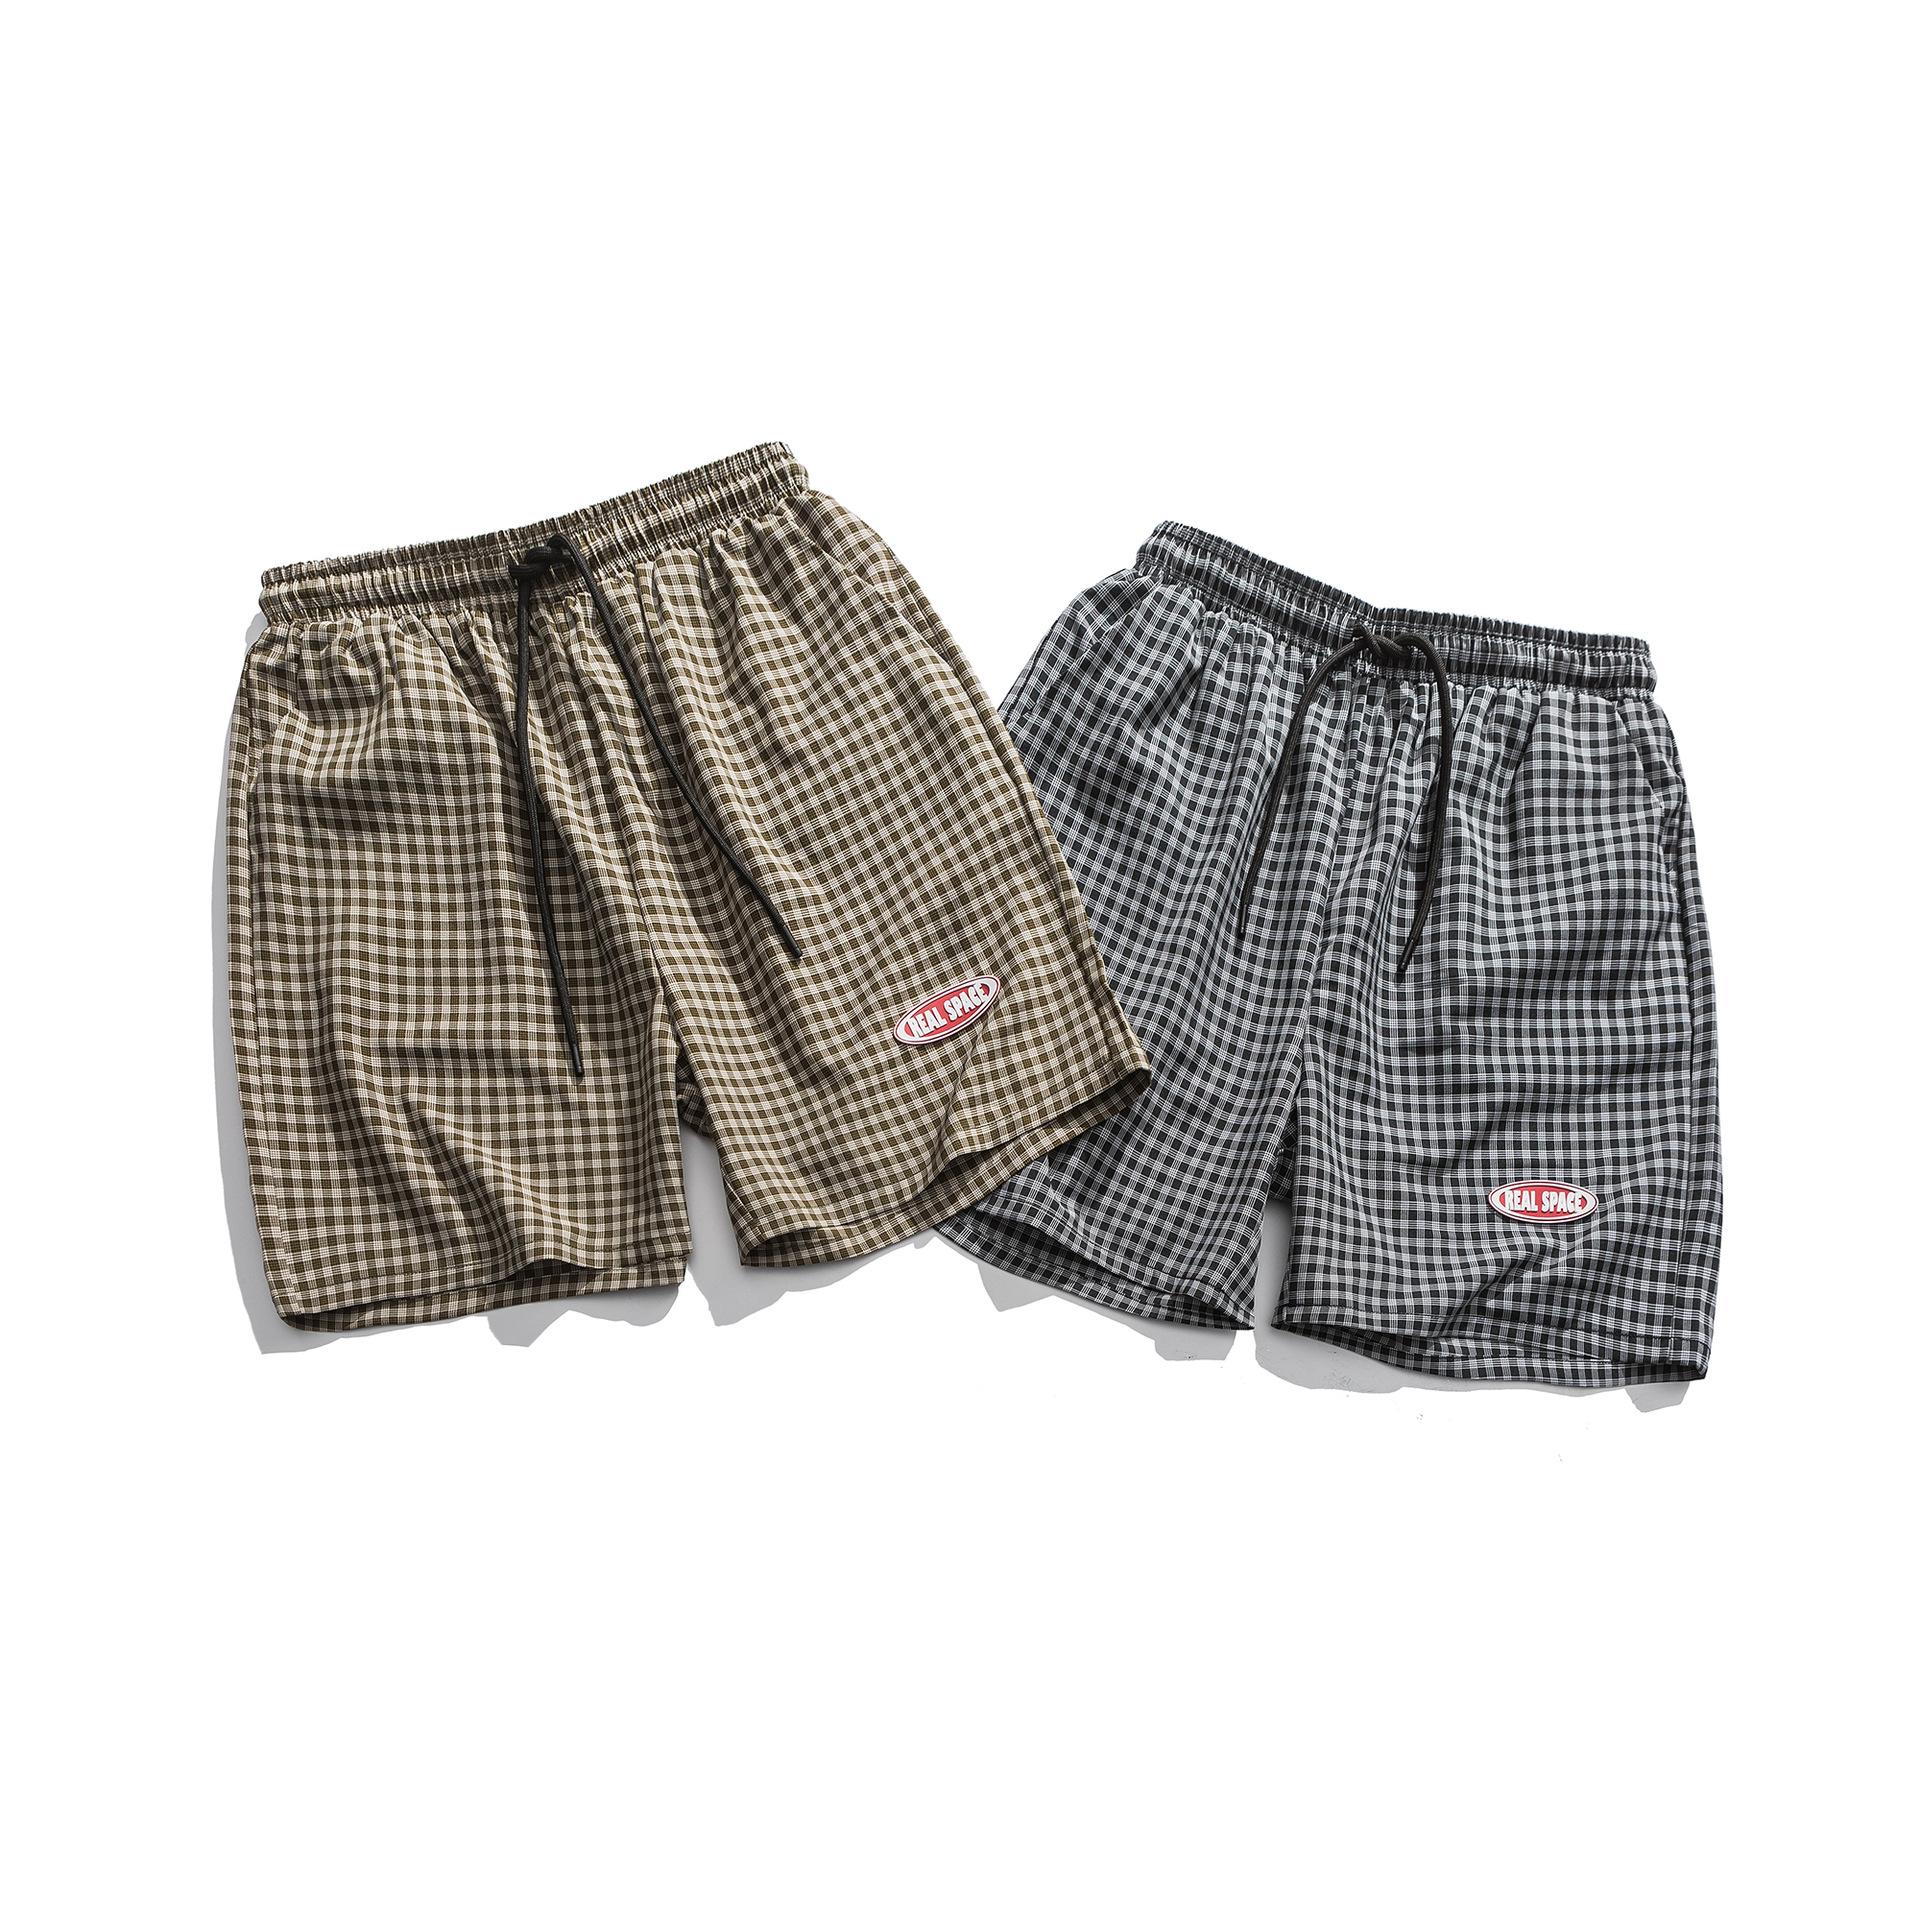 夏季日系休闲格子短裤男士潮流宽松运动速干薄款沙滩裤